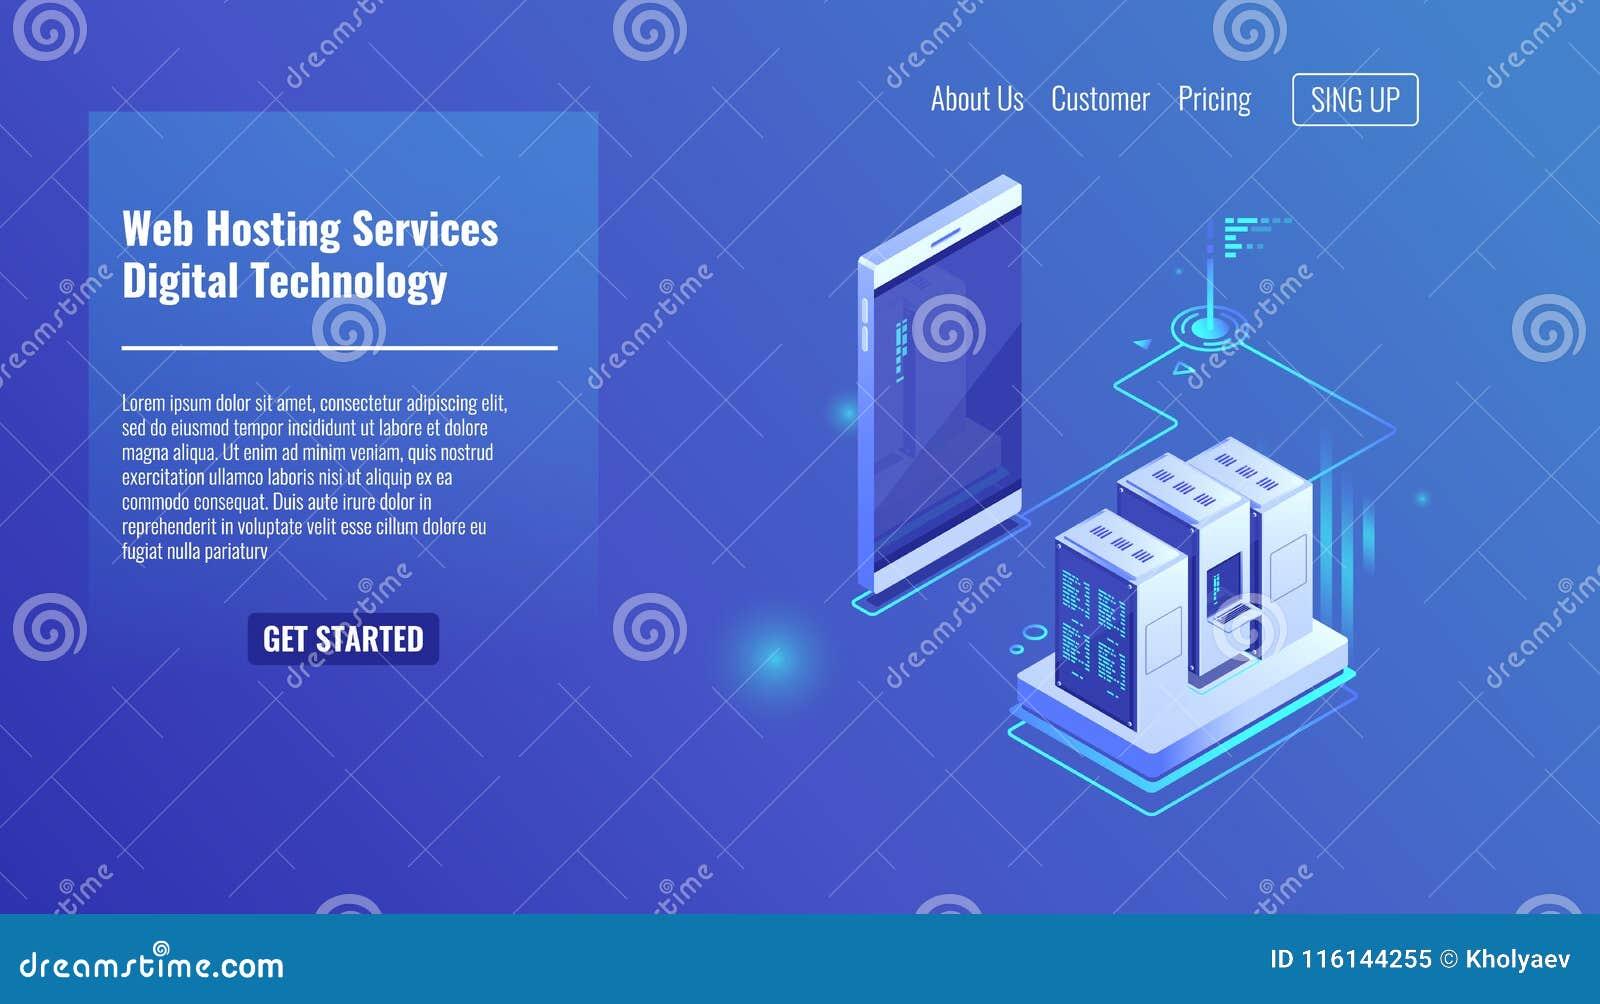 Хостинг файлов для мобильного как поставить сервер на хостинг в кс